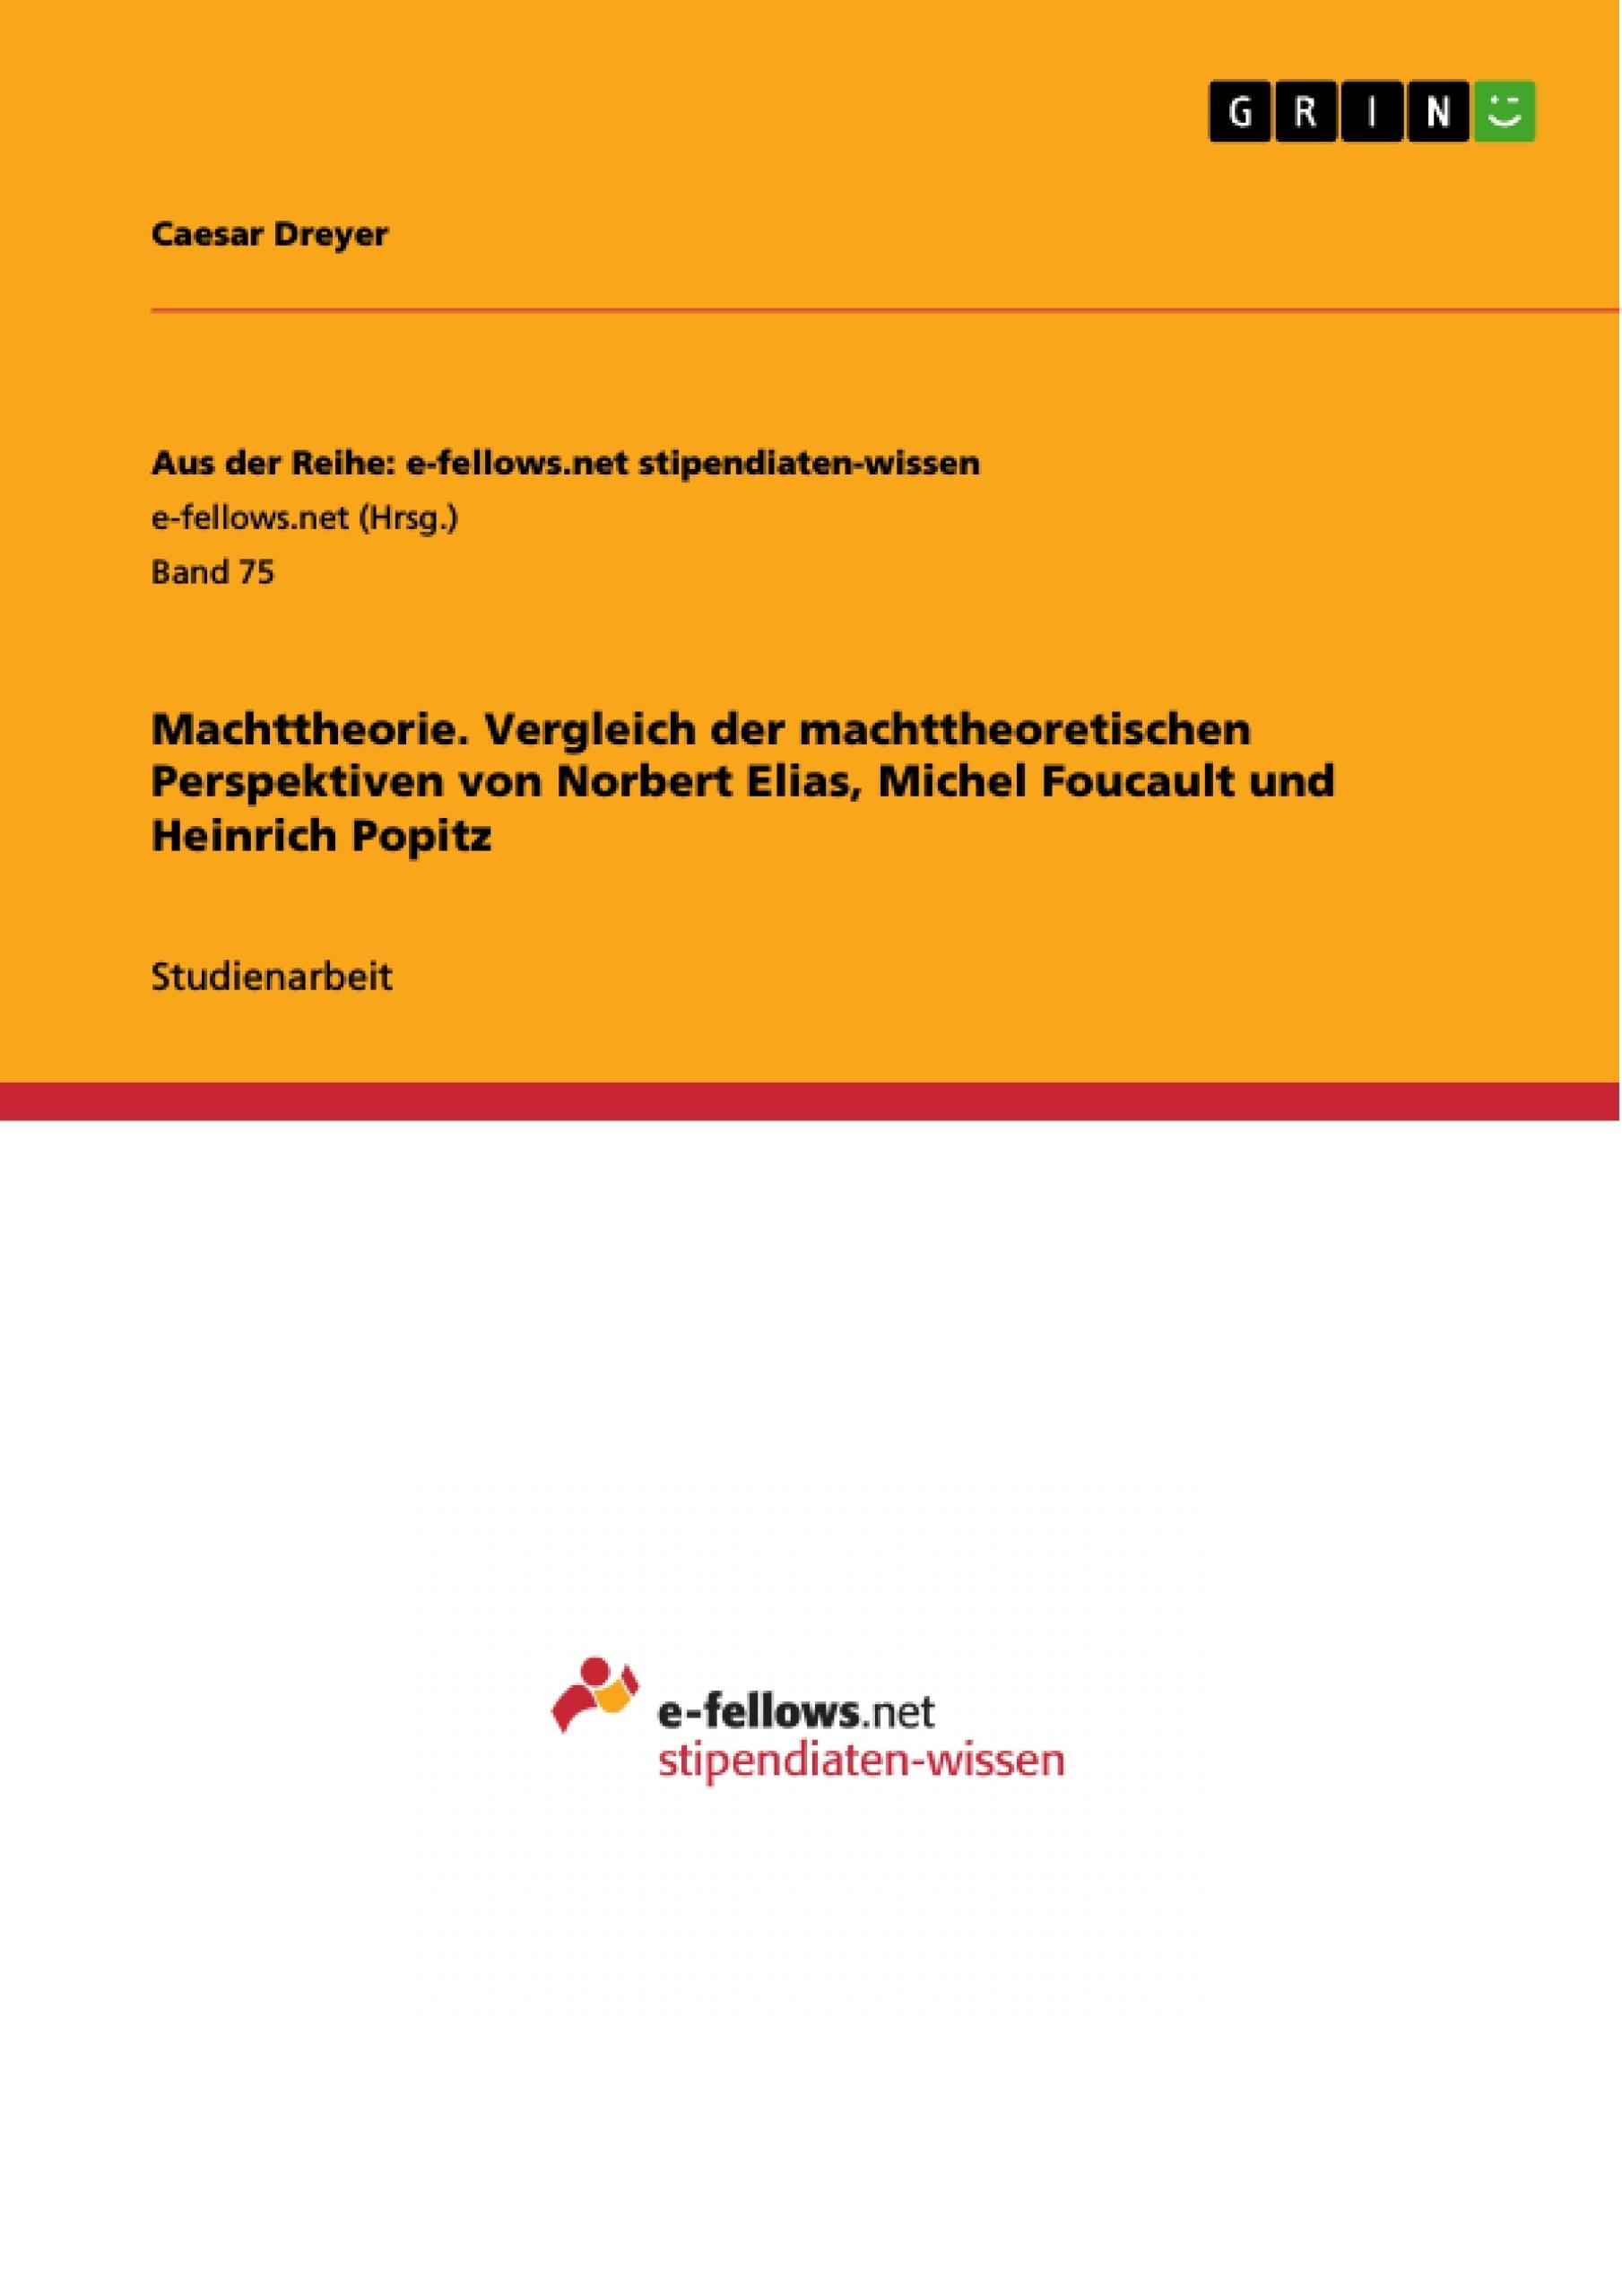 Titel: Machttheorie. Vergleich der machttheoretischen Perspektiven von Norbert Elias, Michel Foucault und Heinrich Popitz